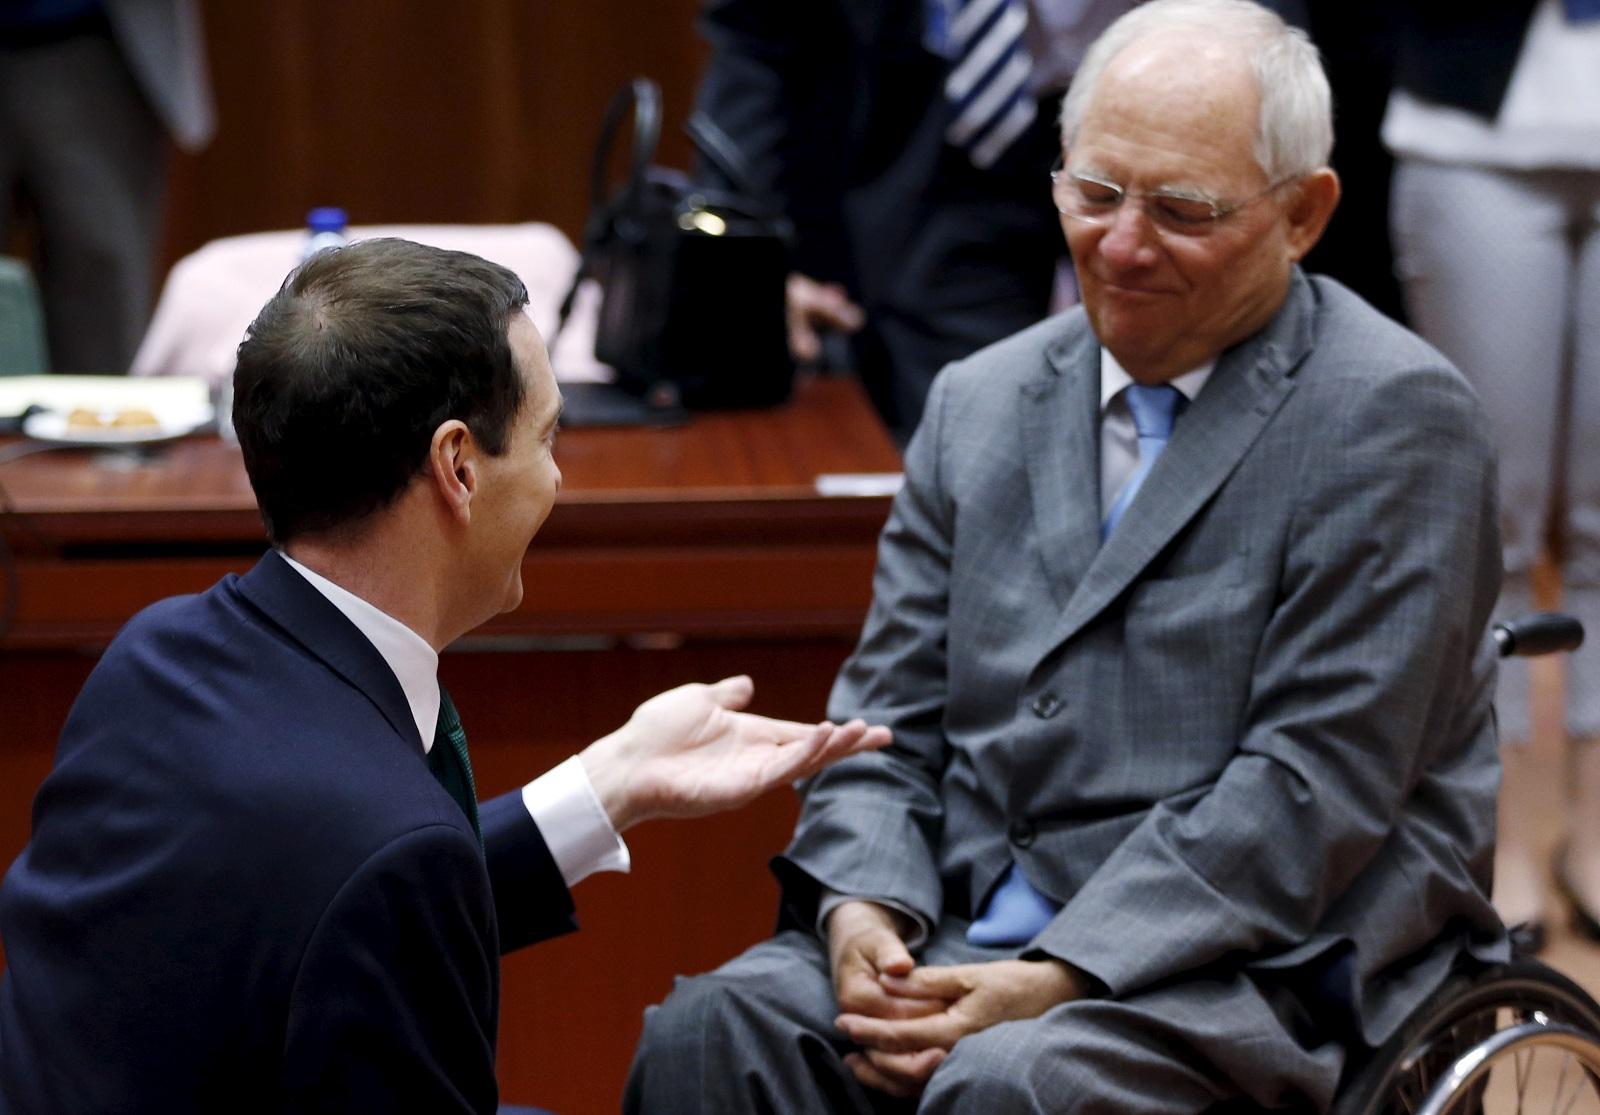 George Osborne meets Wolfgang Schaüble in Brussels